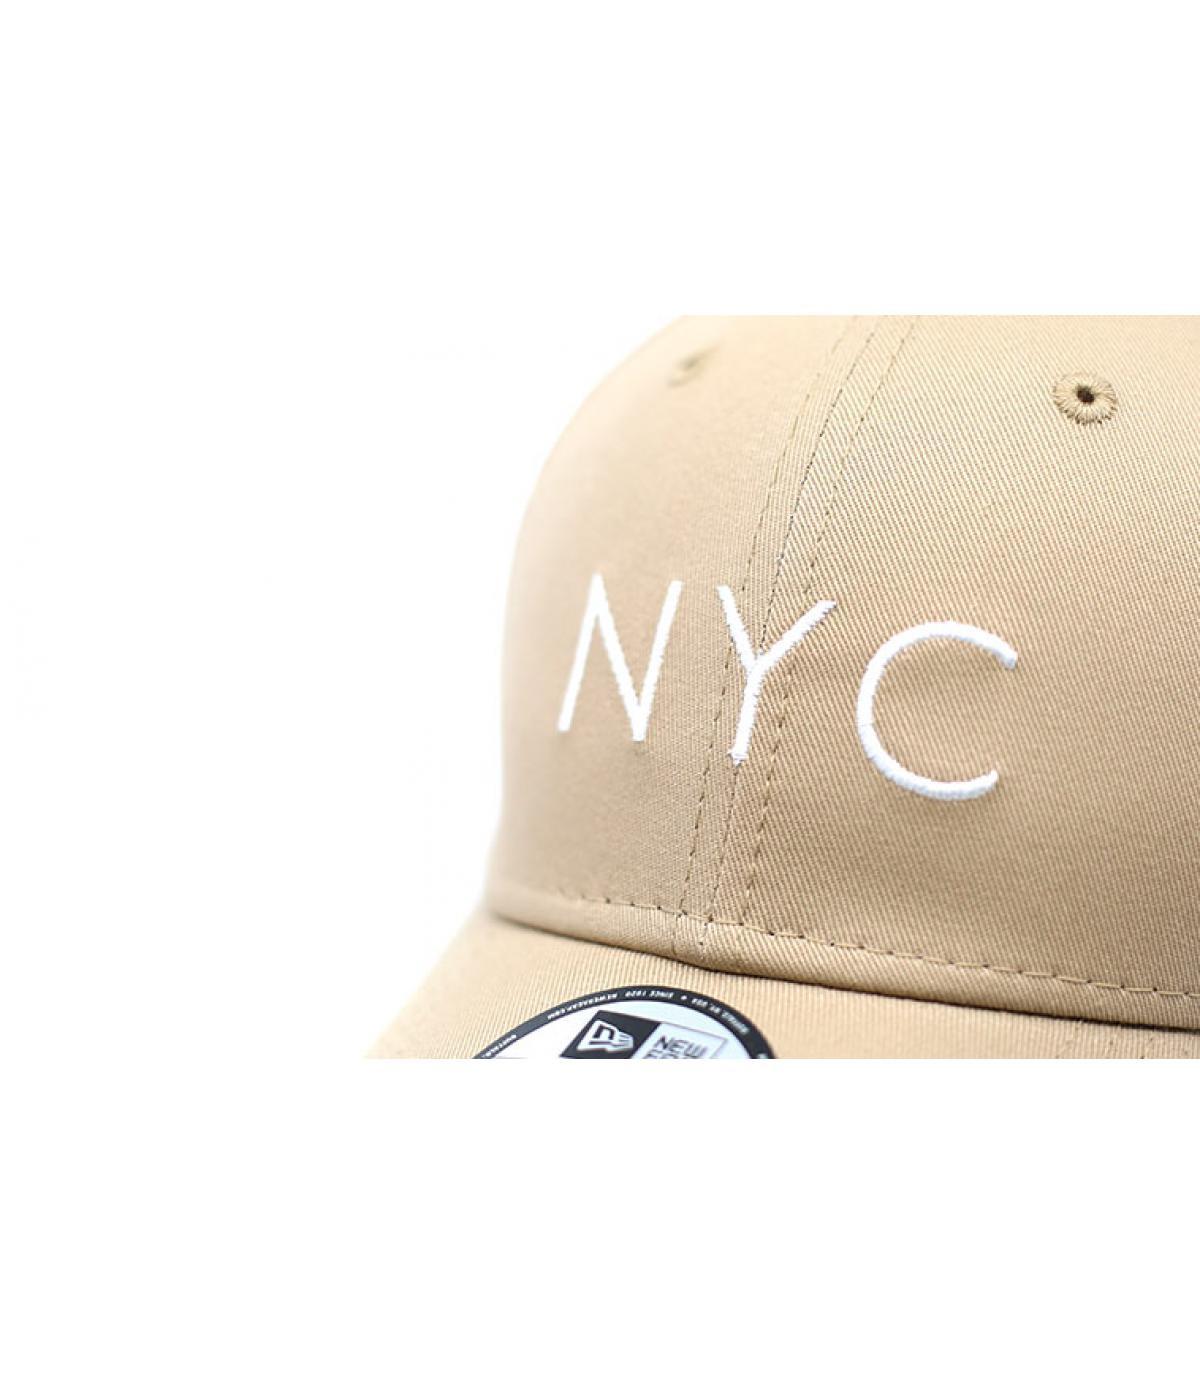 Details NYC NE Ess 9Forty camel - afbeeling 3